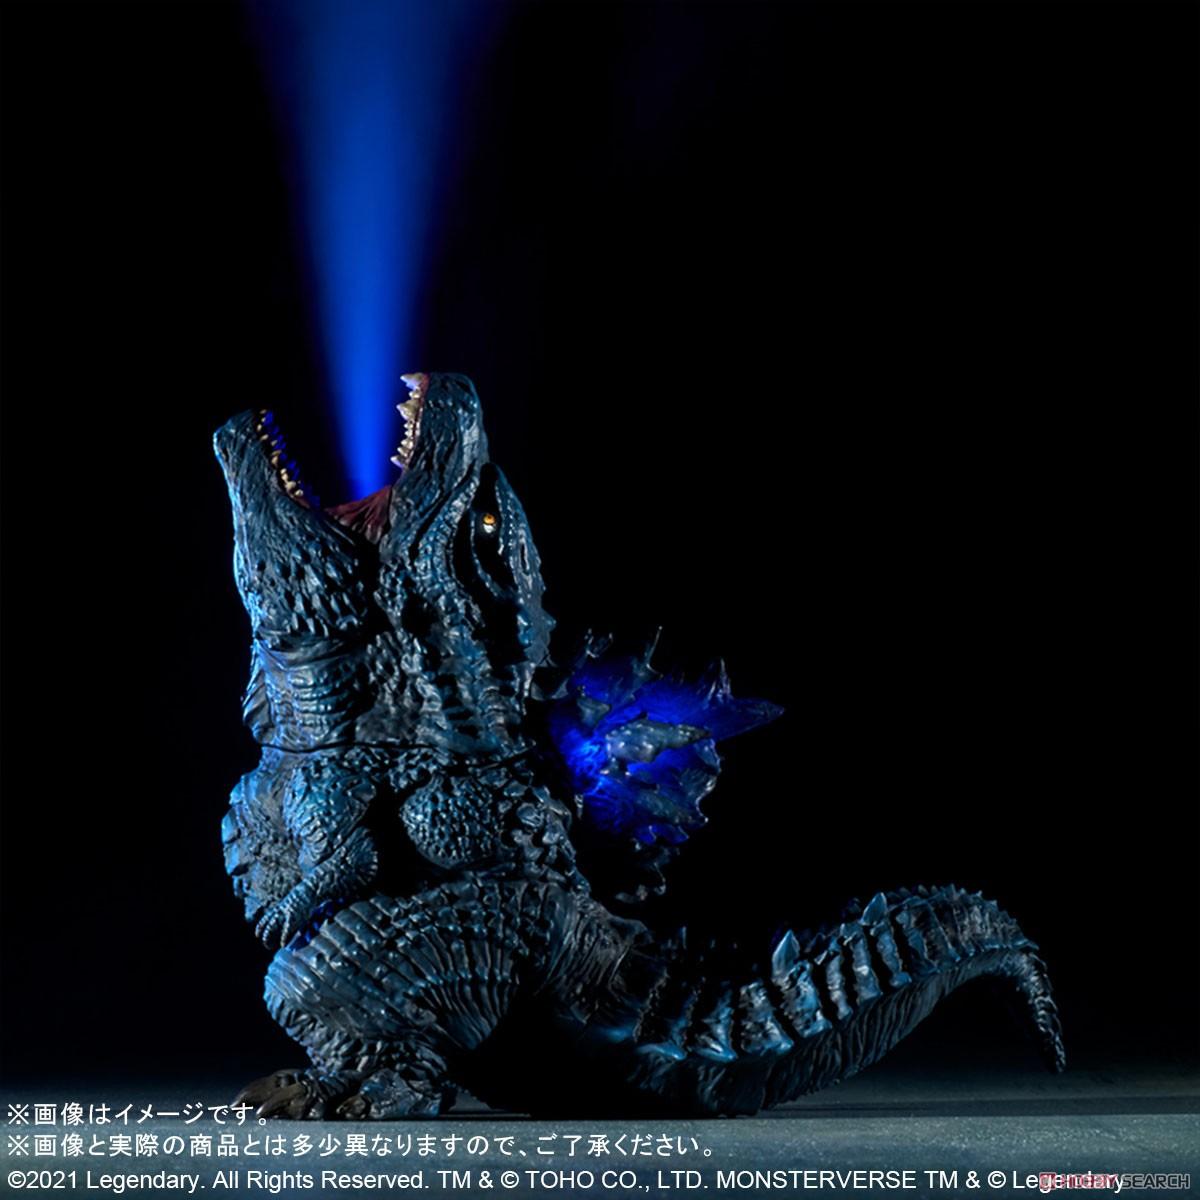 デフォリアル SFX『ゴジラ(2019)』キング・オブ・モンスターズ 完成品フィギュア-006